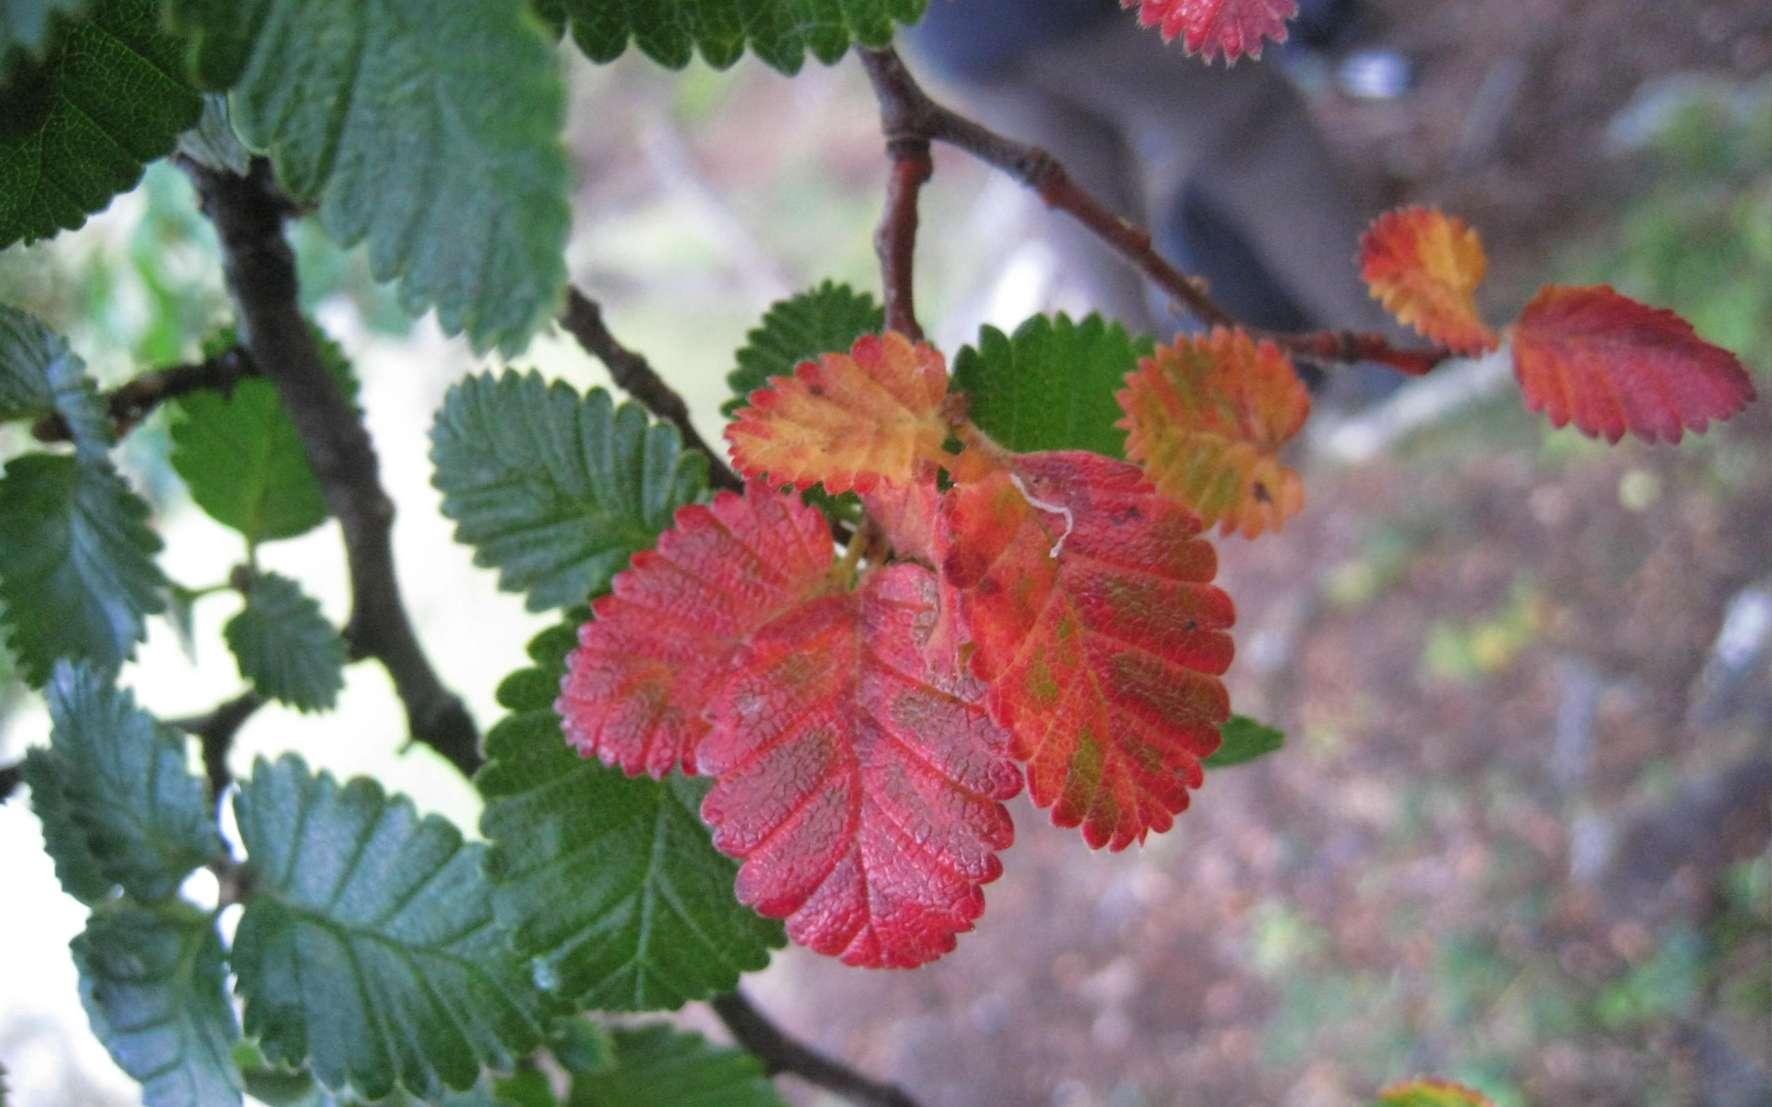 Le hêtre est un arbre au feuillage caduc. © Martine, Flickr, CC by-nc 2.0